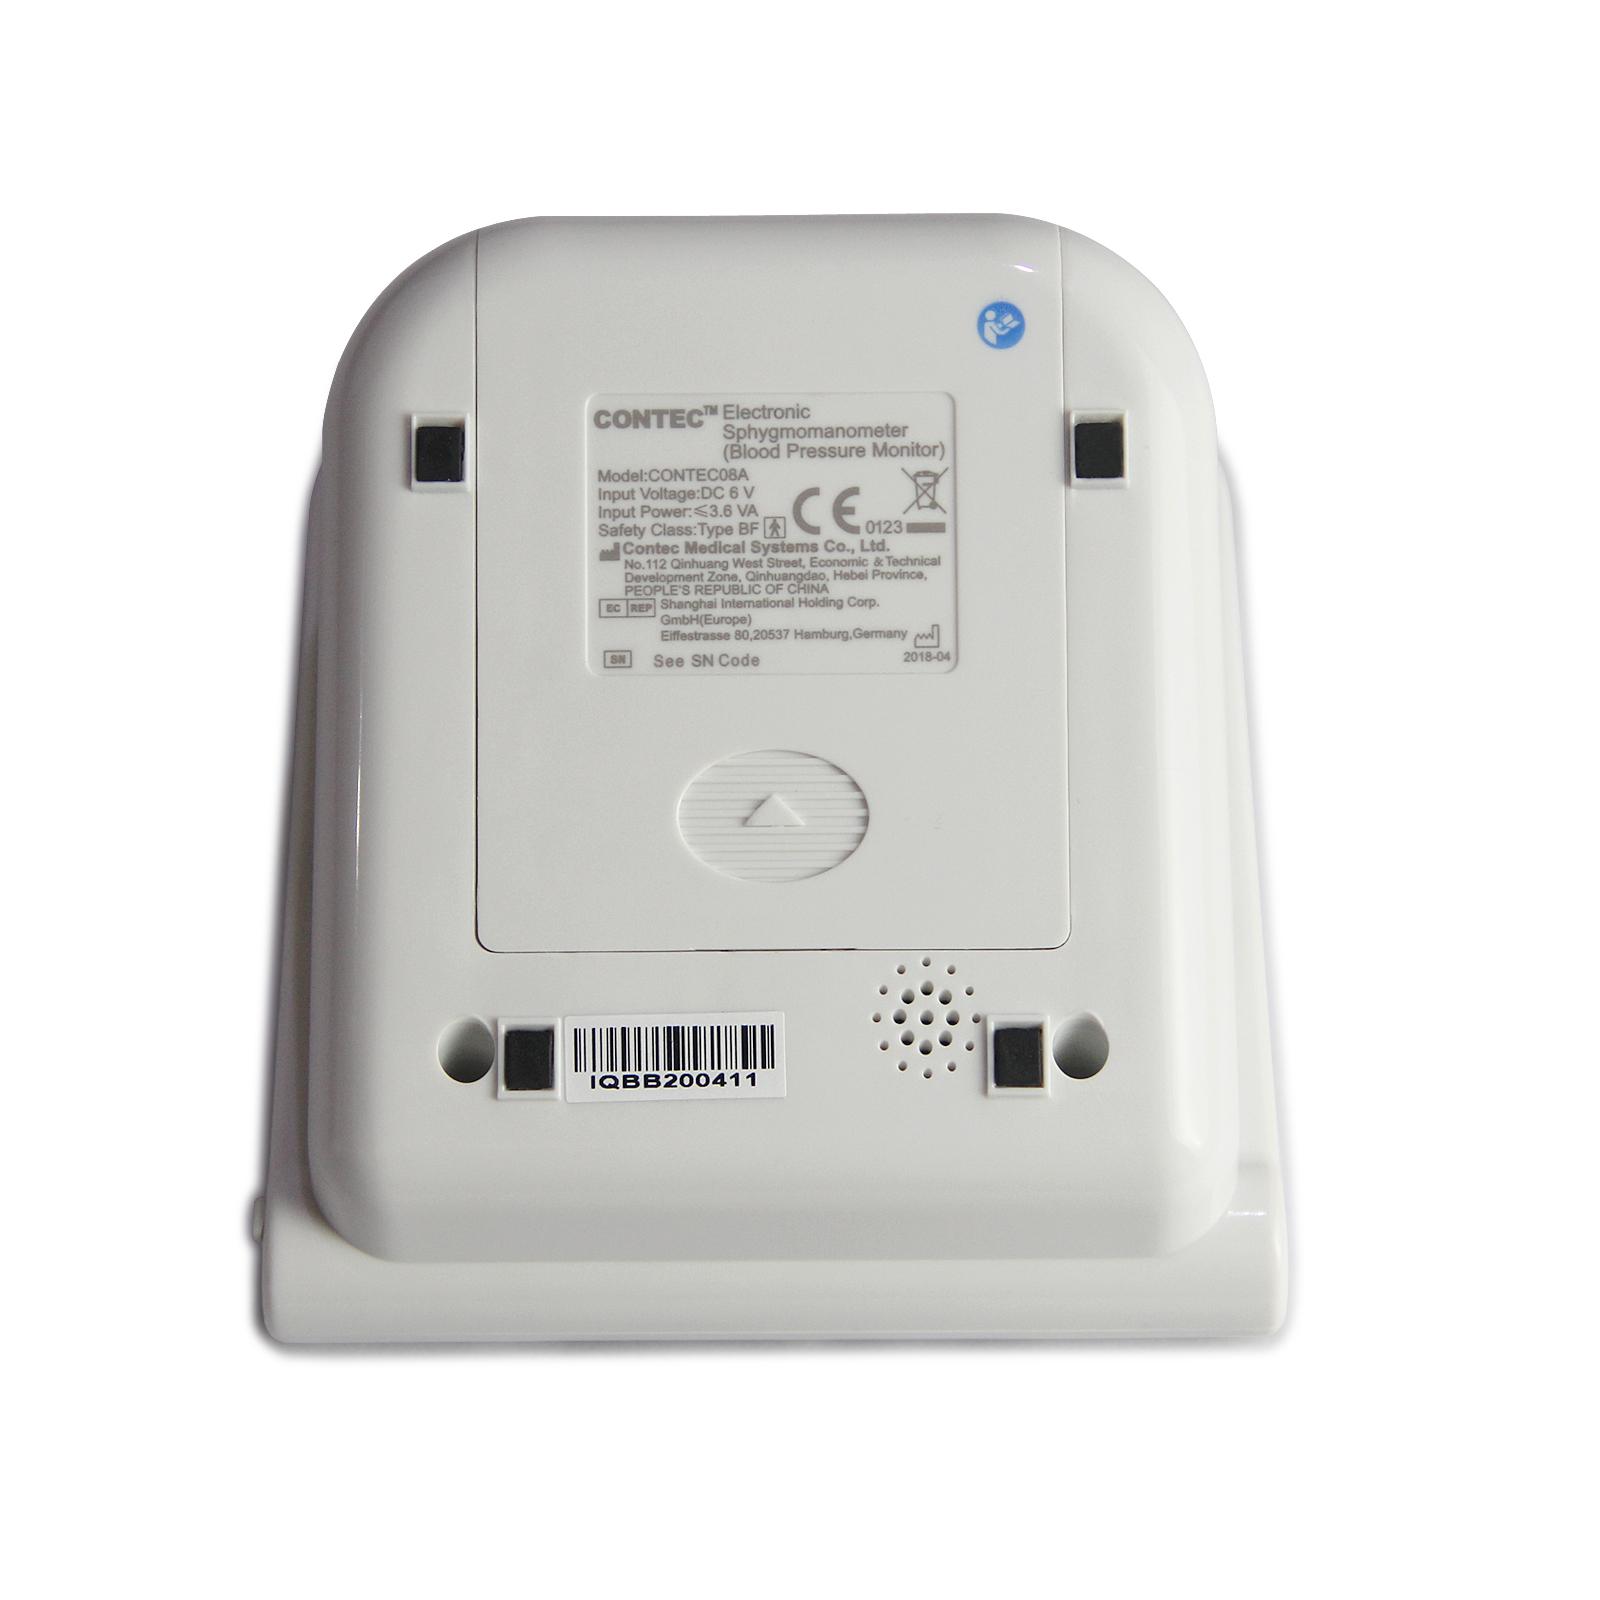 CONTEC08A 臂式电子血压计